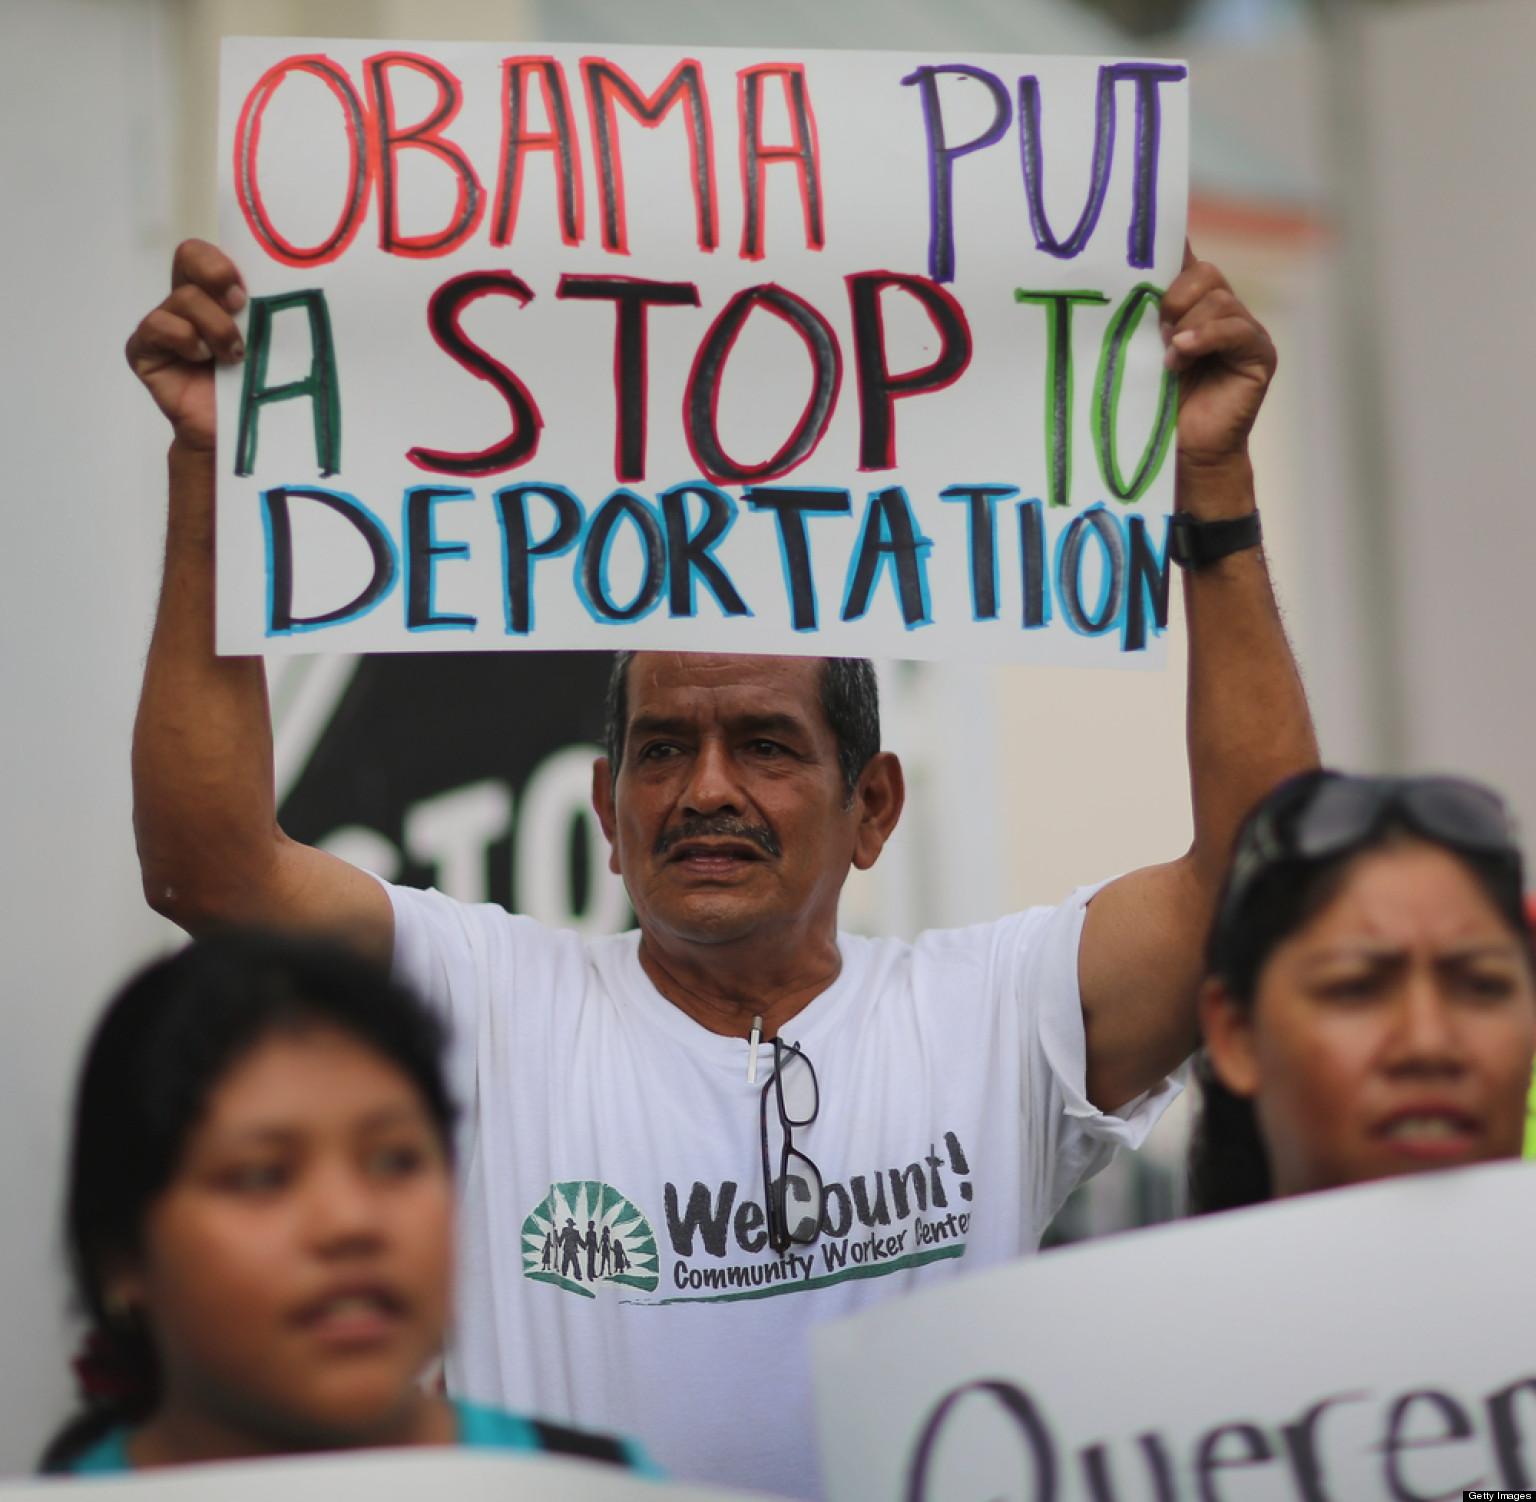 Last News On Immigration Reform: The Drug War = Mass Deportation: 250,000 Deported For Drug